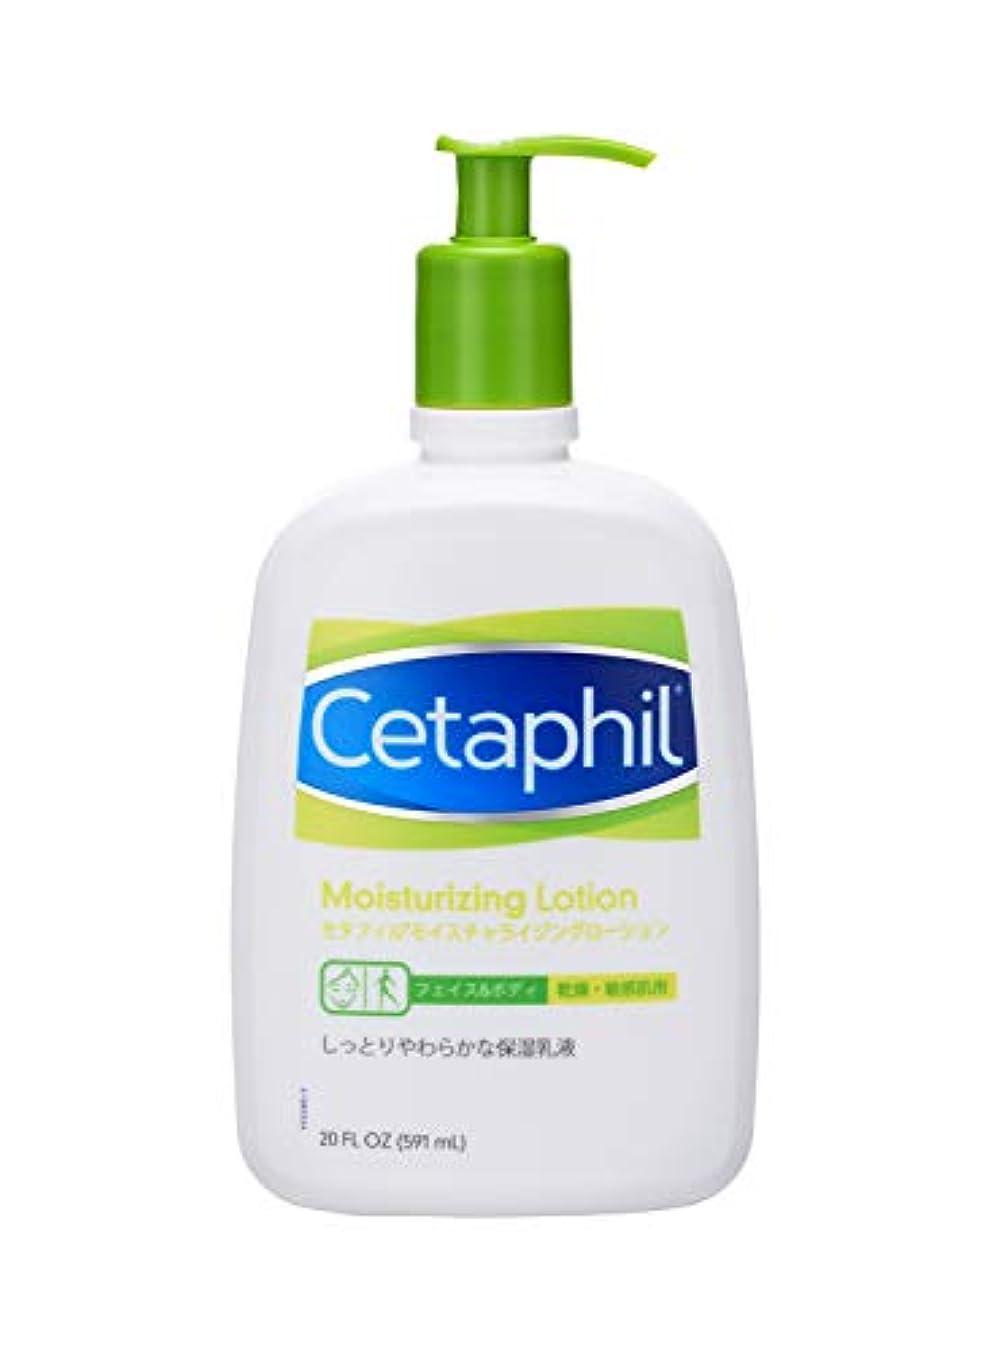 事実上アクセルディプロマセタフィル Cetaphil ® モイスチャライジングローション 591ml ( フェイス & ボディ 保湿乳液 ローション )